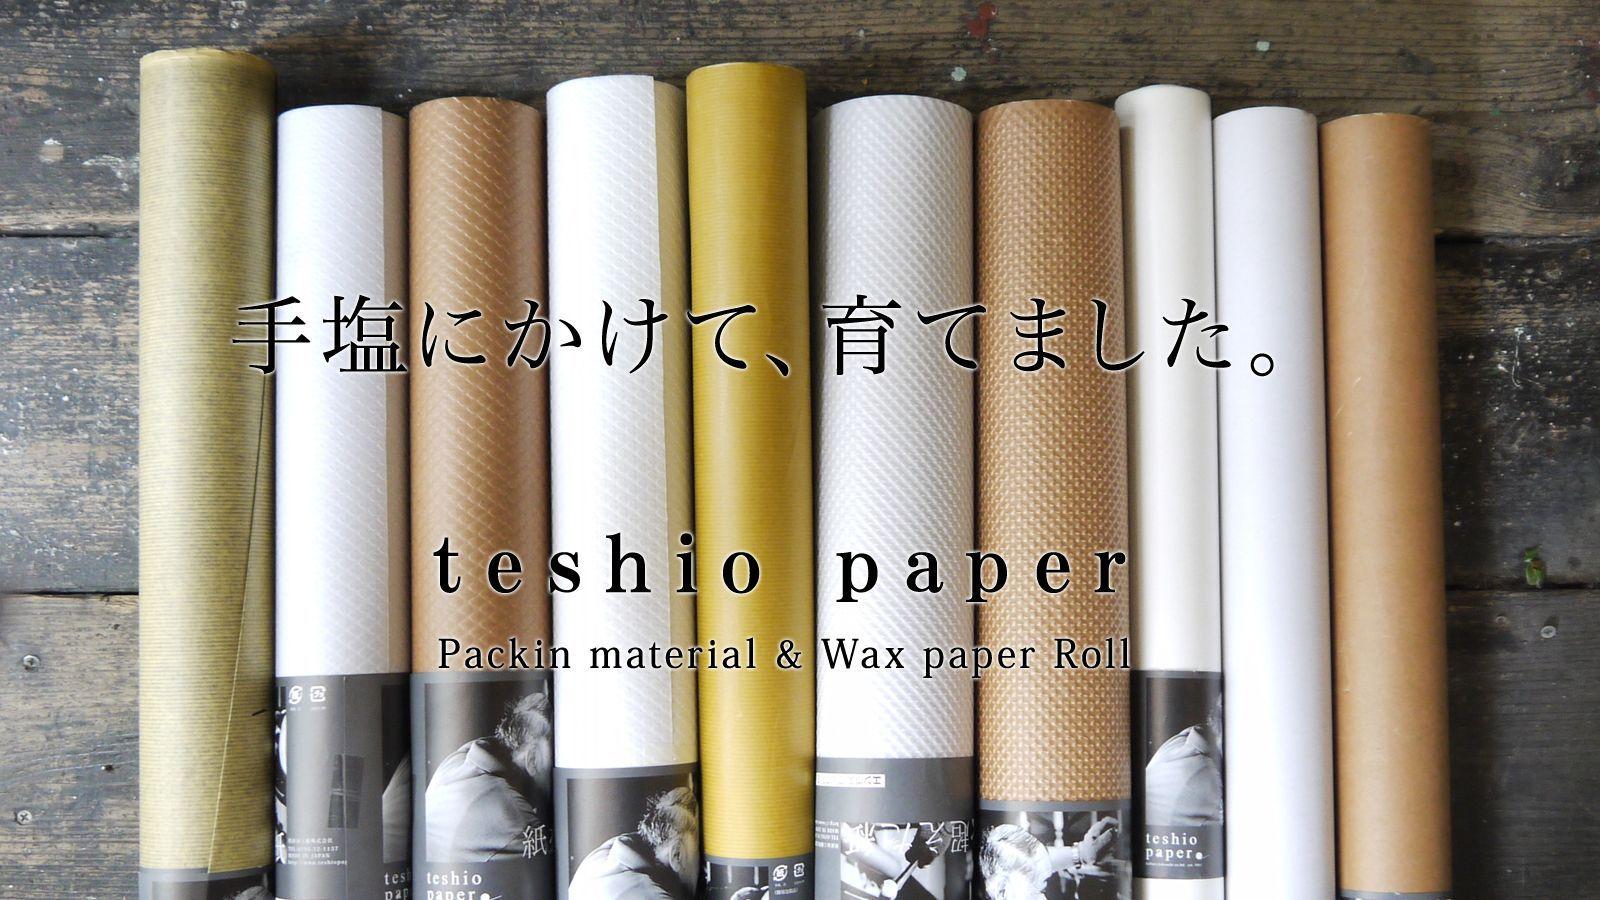 梱包資材・ロウ引き紙 ワックスペーパーロール こだわり素材のメランジェ